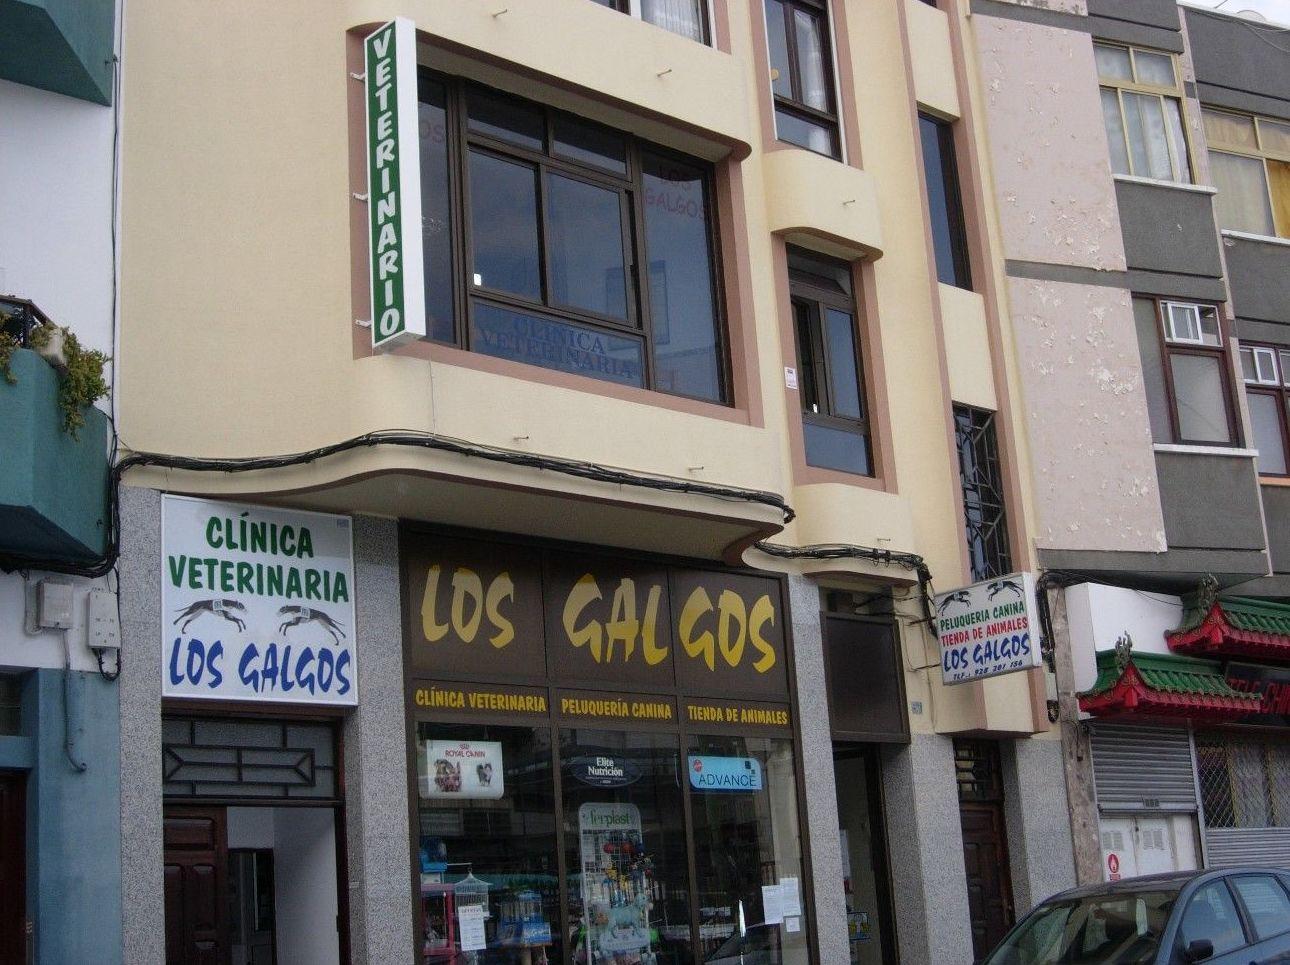 Consulta general: Catálogo de Clínica Veterinaria Los Galgos